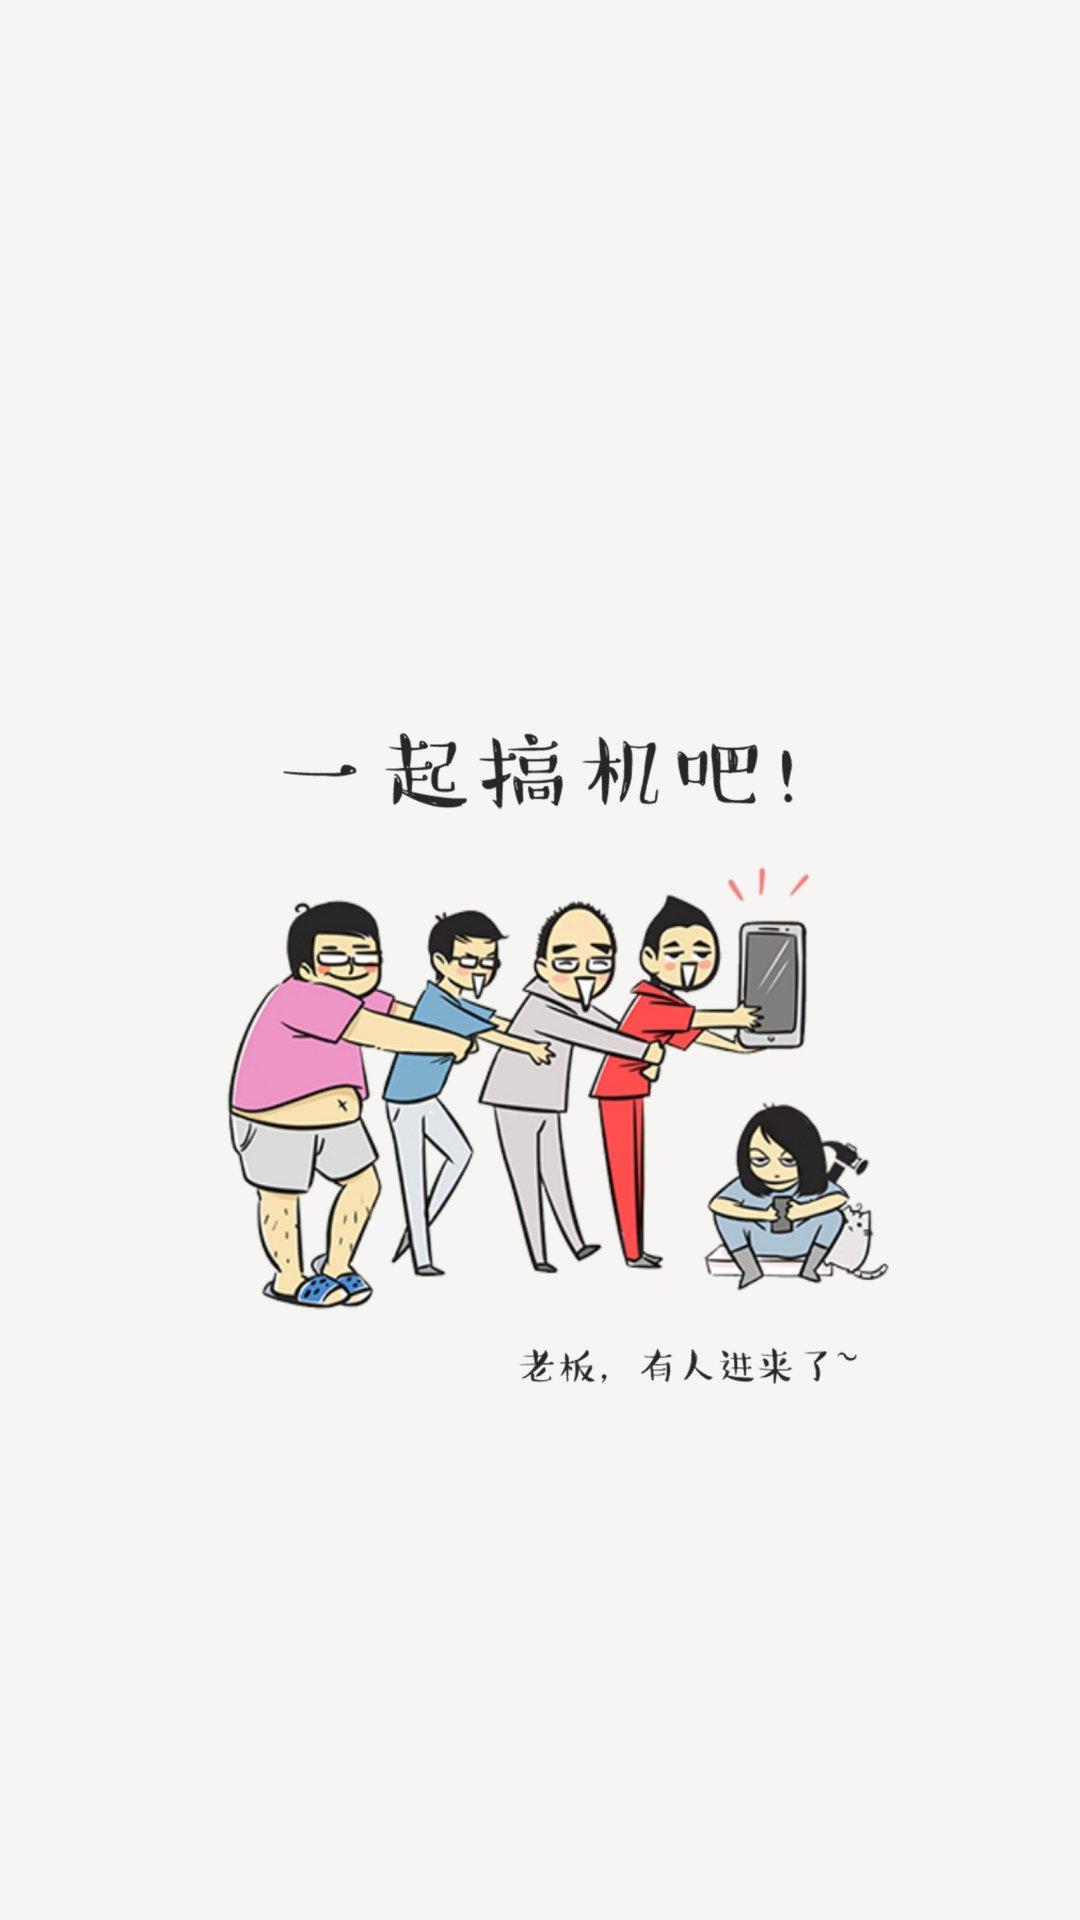 手机锁屏壁纸-资源分享-vivo智能手机v粉社区